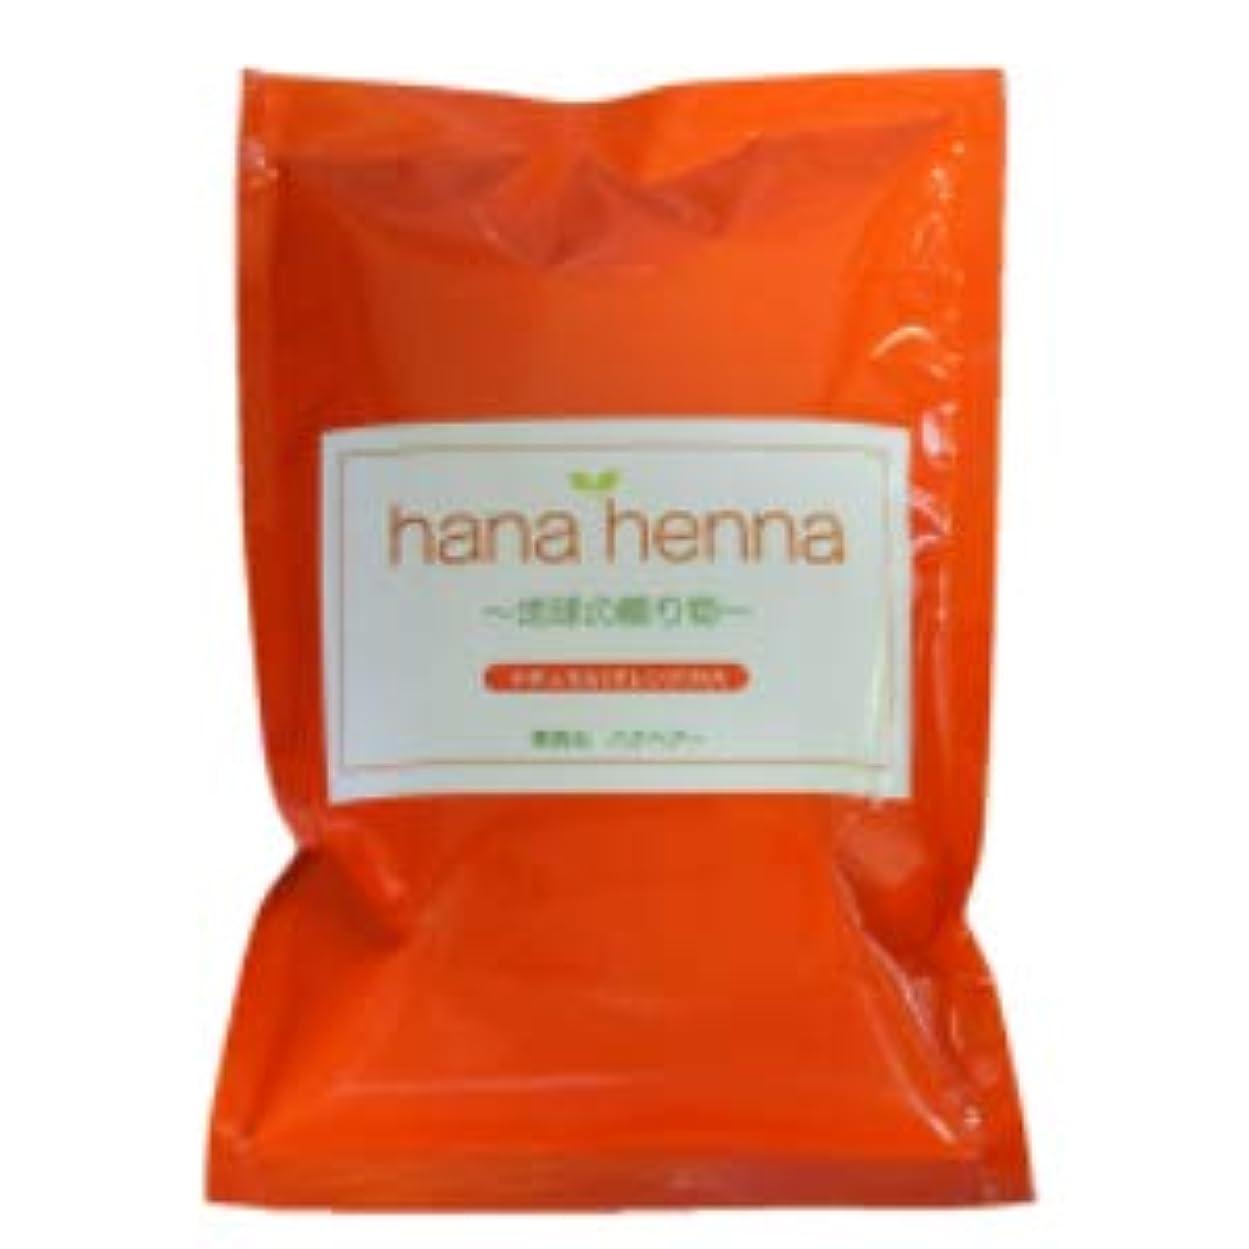 大学午後さまようhana henna ハナヘナ ナチュラル(オレンジ)100g